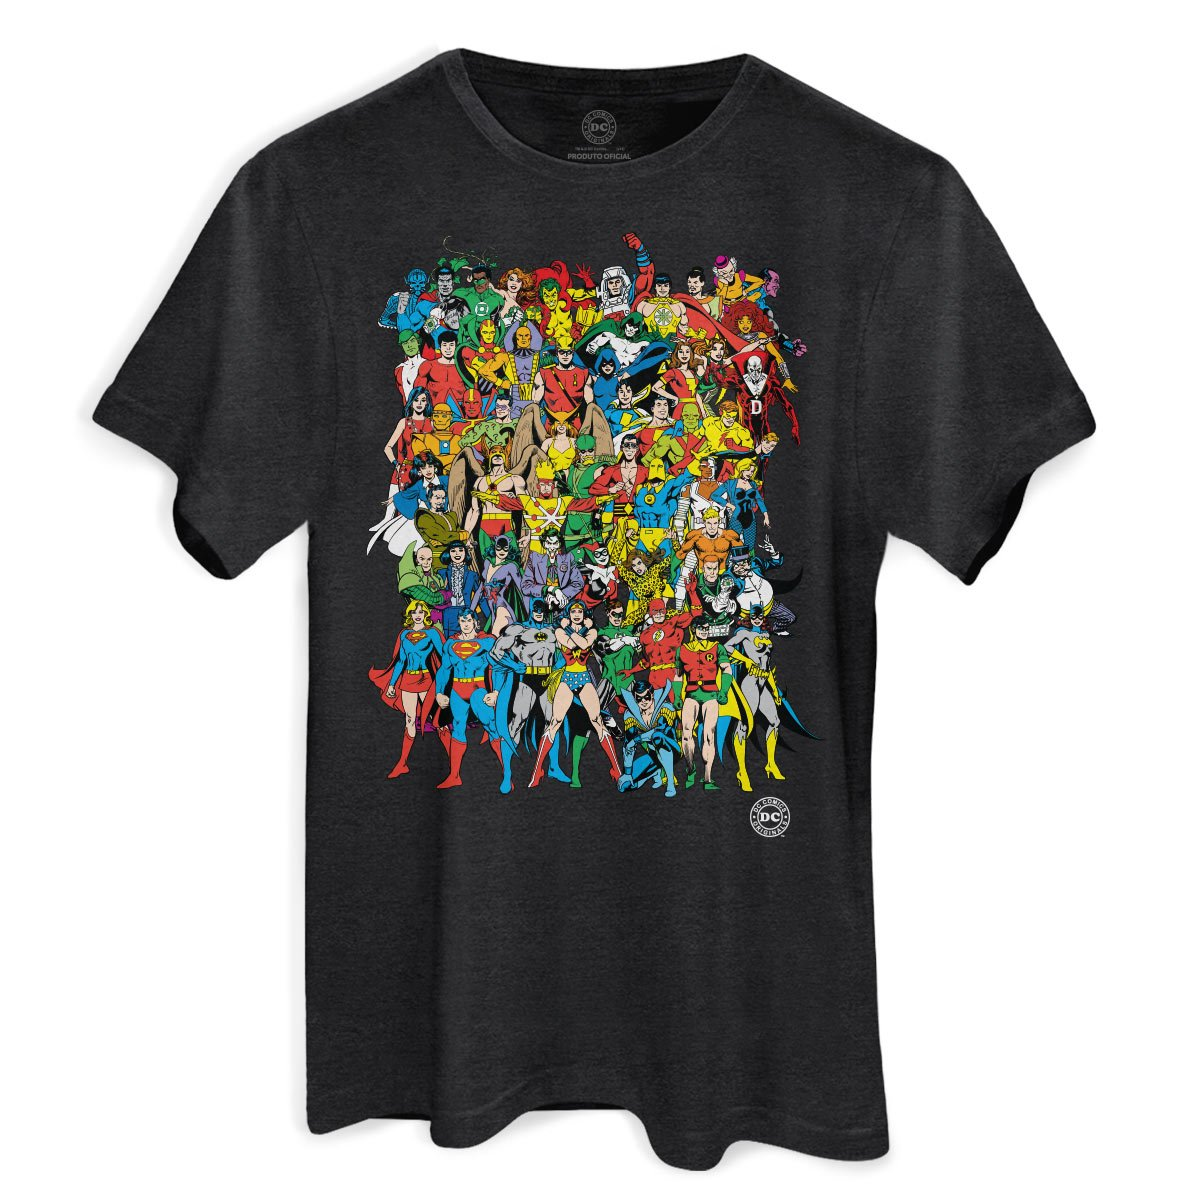 Camiseta Masculina DC Comics Originals Mescla